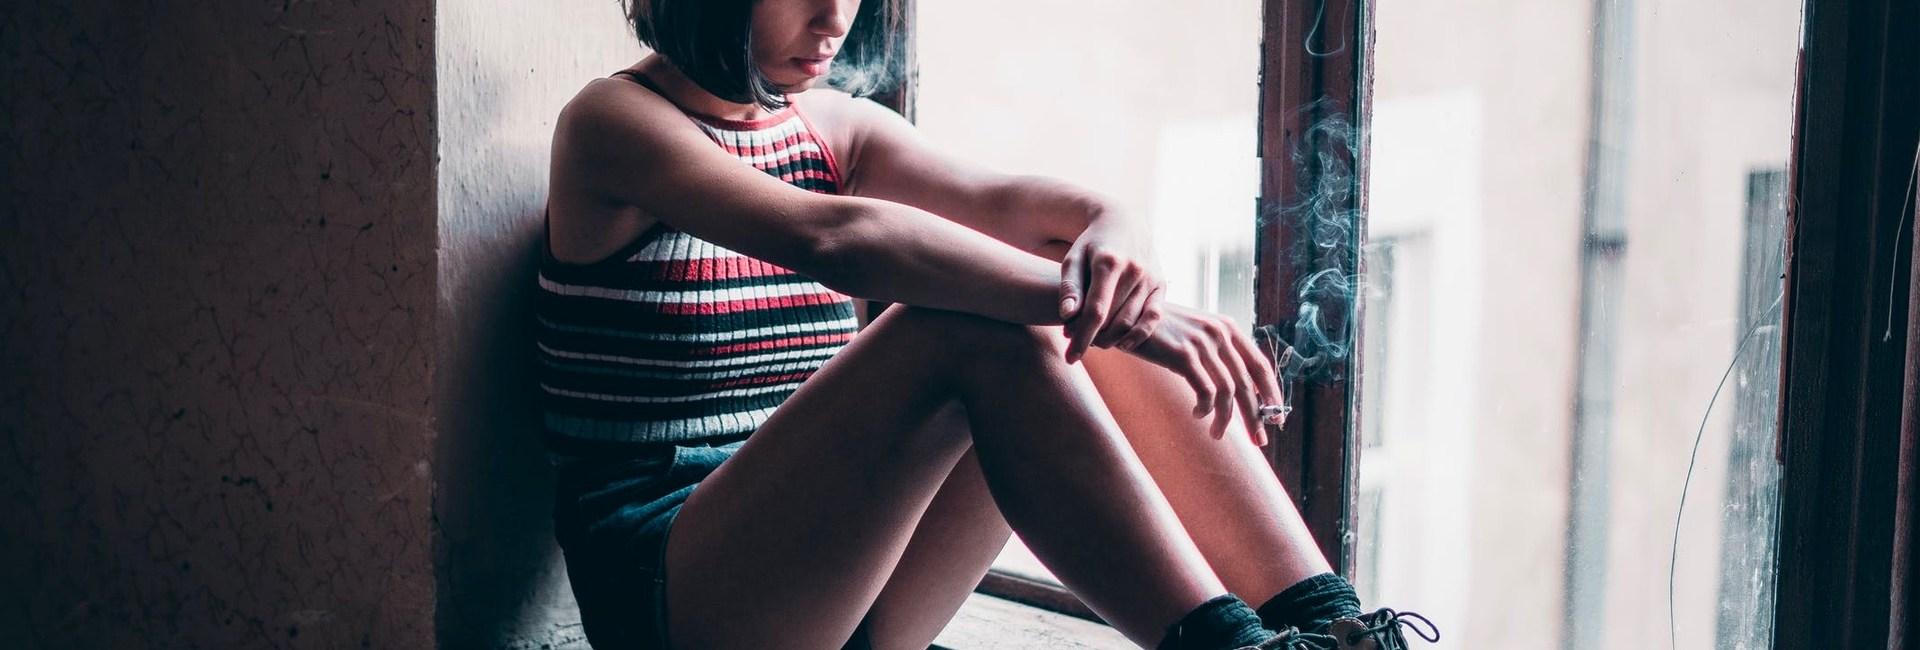 femme-triste-cigarette